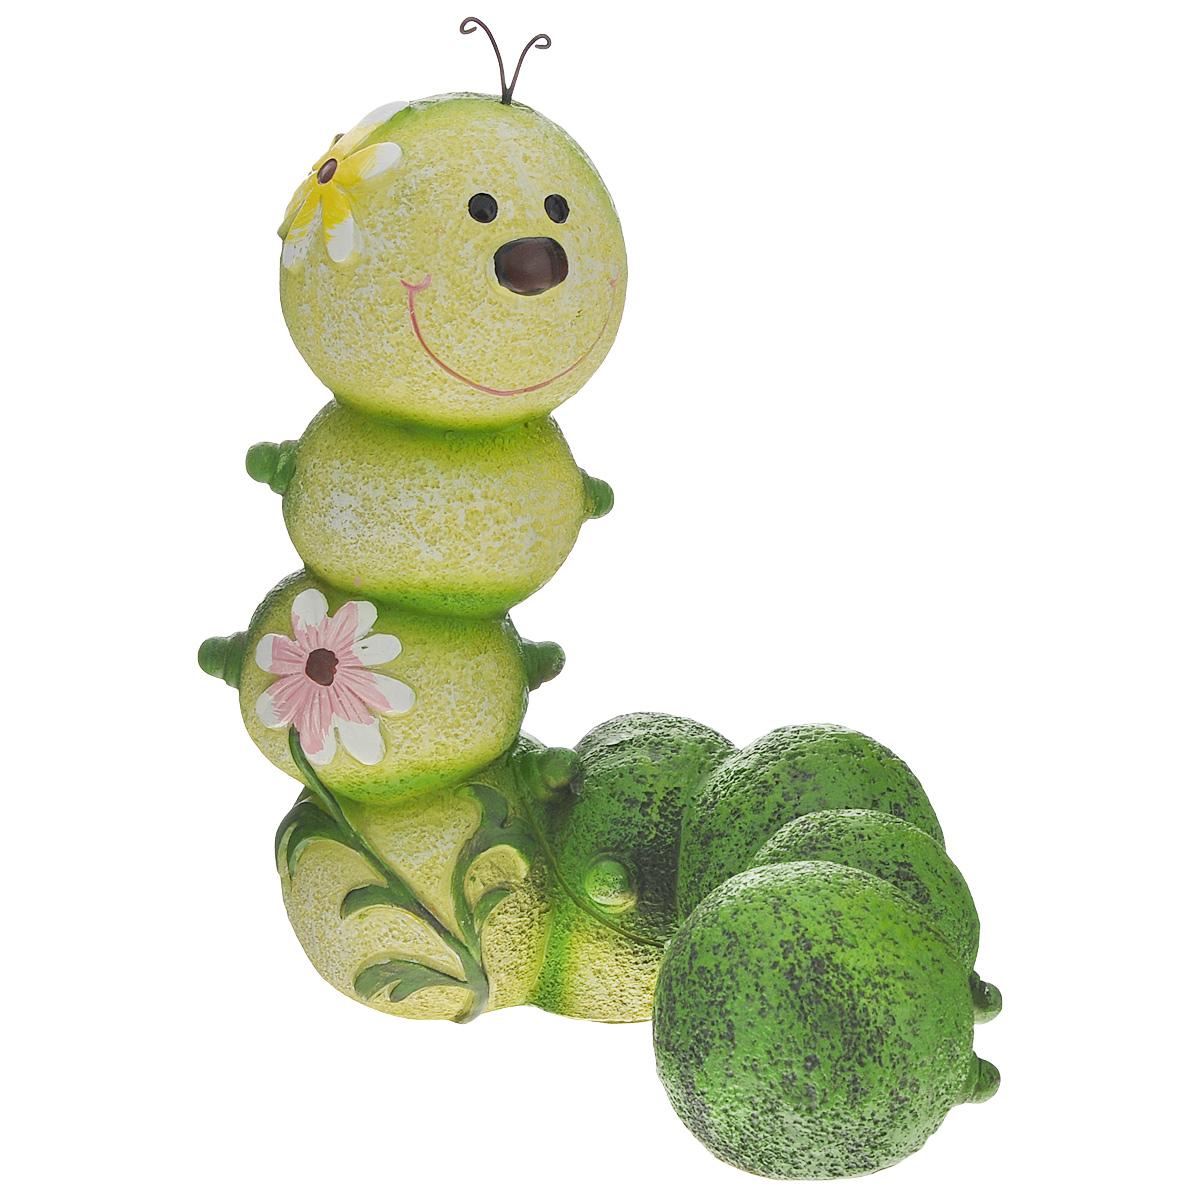 Фигурка садовая Green Apple Гусеница, 18,5 х 12,5 х 23 смGA200-14Фигурка Green Apple Гусеница, выполненная из полистоуна, предназначена для декоративного оформления садового участка. Фигурка позволит создать оригинальную декорацию, которая украсит собой ваш сад и добавит в него ярких красок. Декоративные садовые фигурки представляют собой последний штрих при создании ландшафтного дизайна дачного или приусадебного участка. Декоративные фигурки для украшения сада позволяют создать правдоподобную декорацию и почувствовать себя среди живой природы.